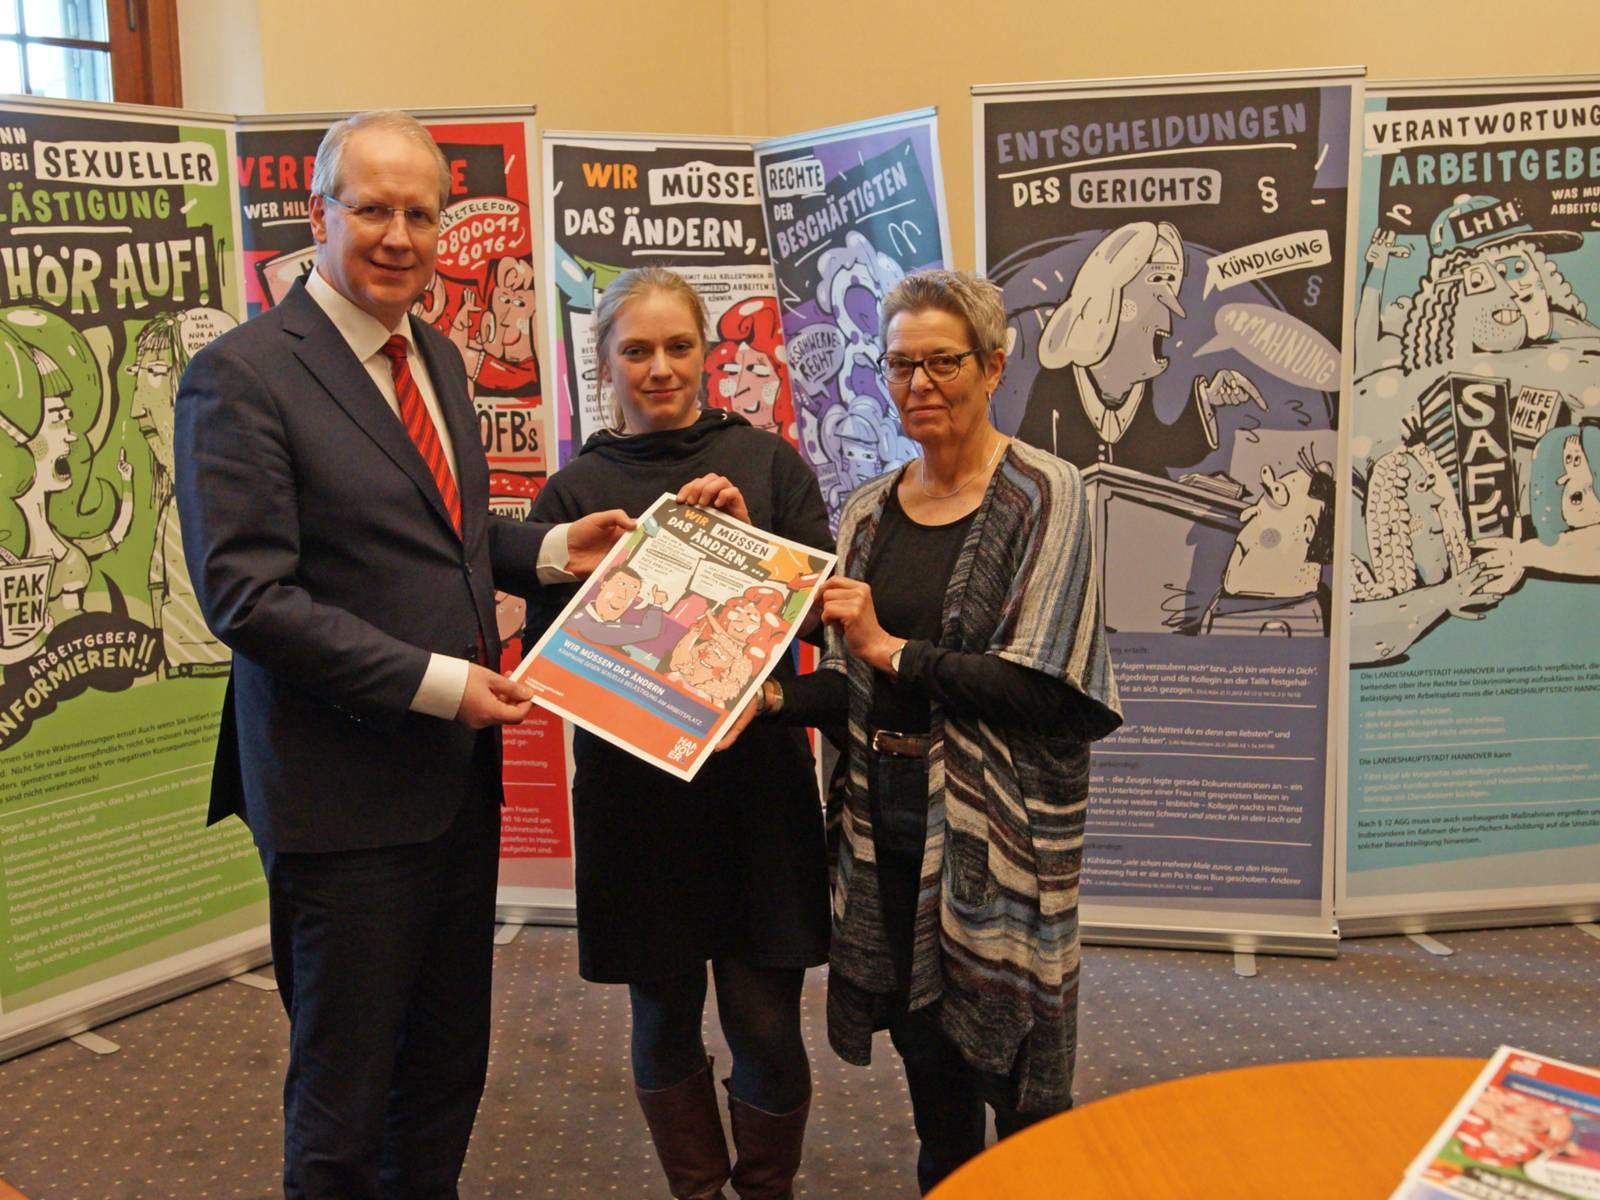 Ein Mann und zwei Frauen halten ein kleines Plakat